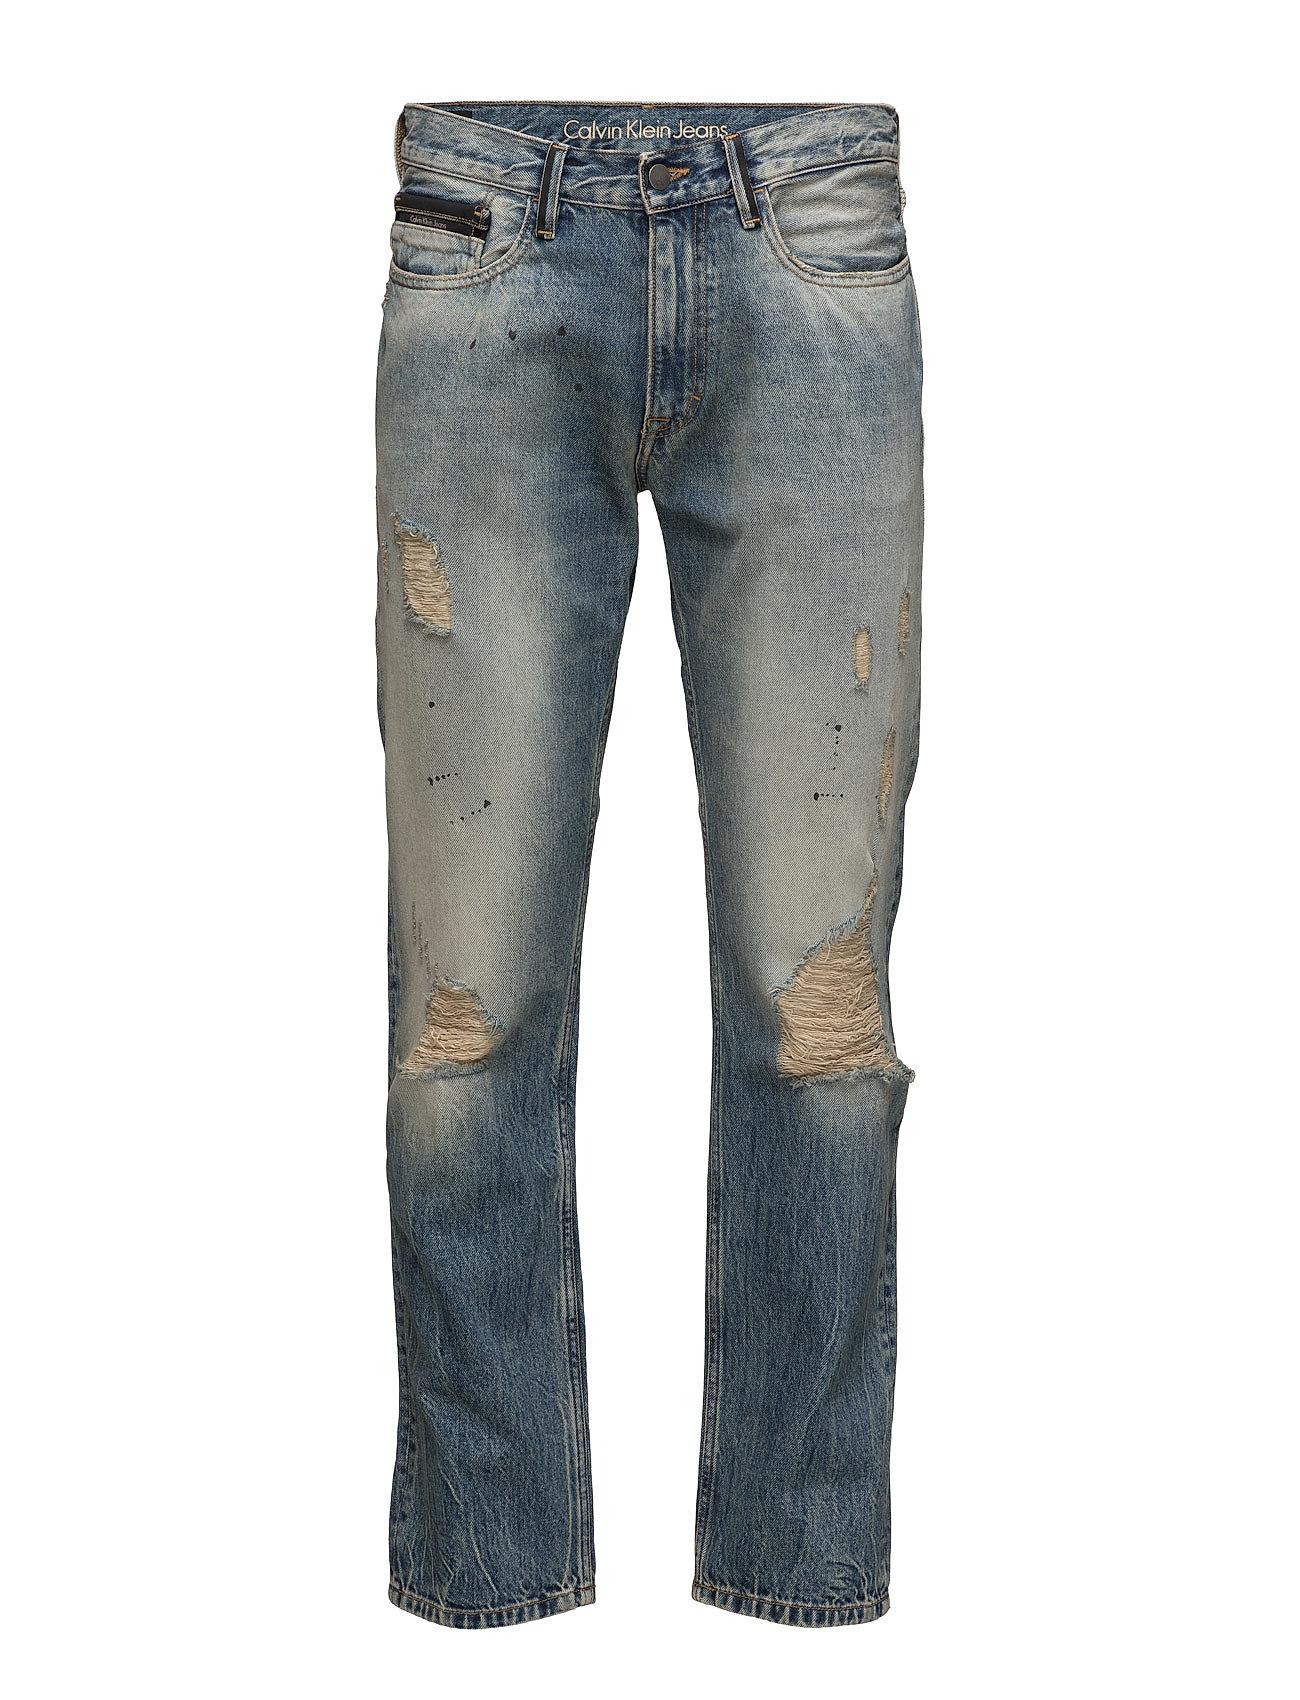 calvin klein jeans Straight - oil splas på boozt.com dk